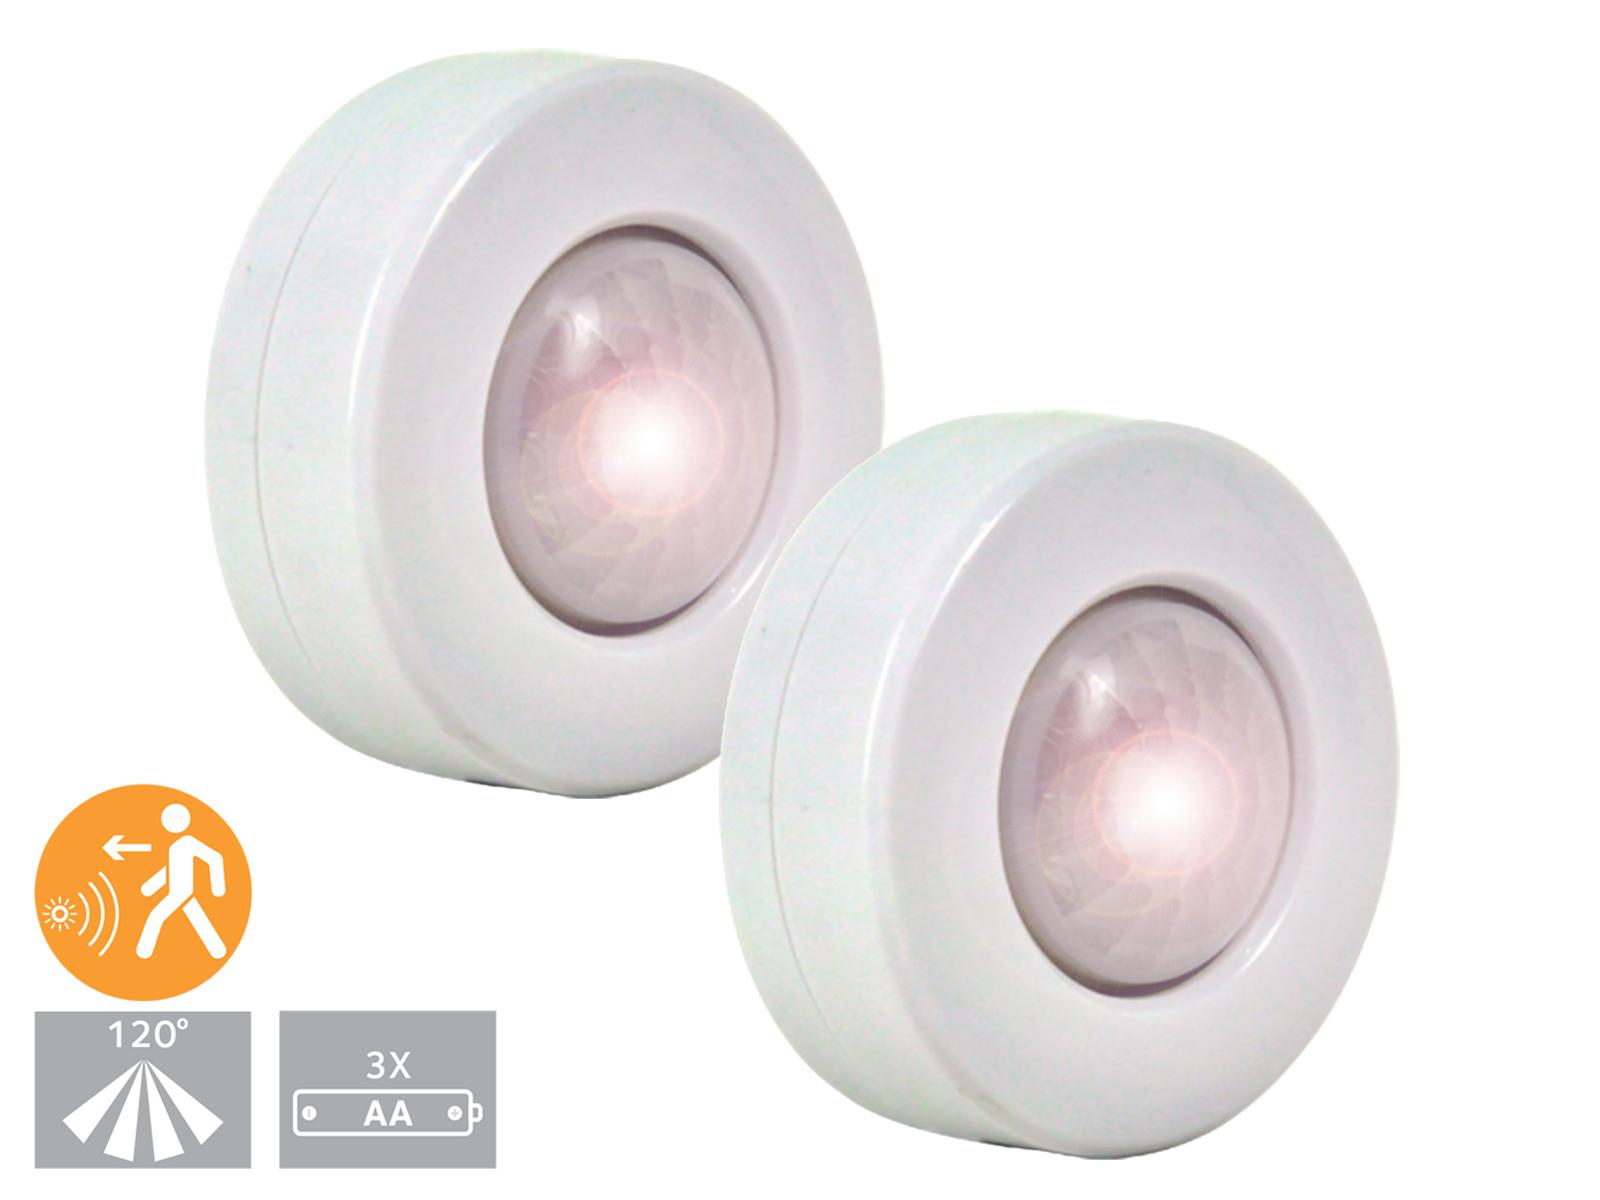 2er set led nachtlicht mit bewegungssensor schubladenlicht schranklicht notlicht 4260492256804. Black Bedroom Furniture Sets. Home Design Ideas